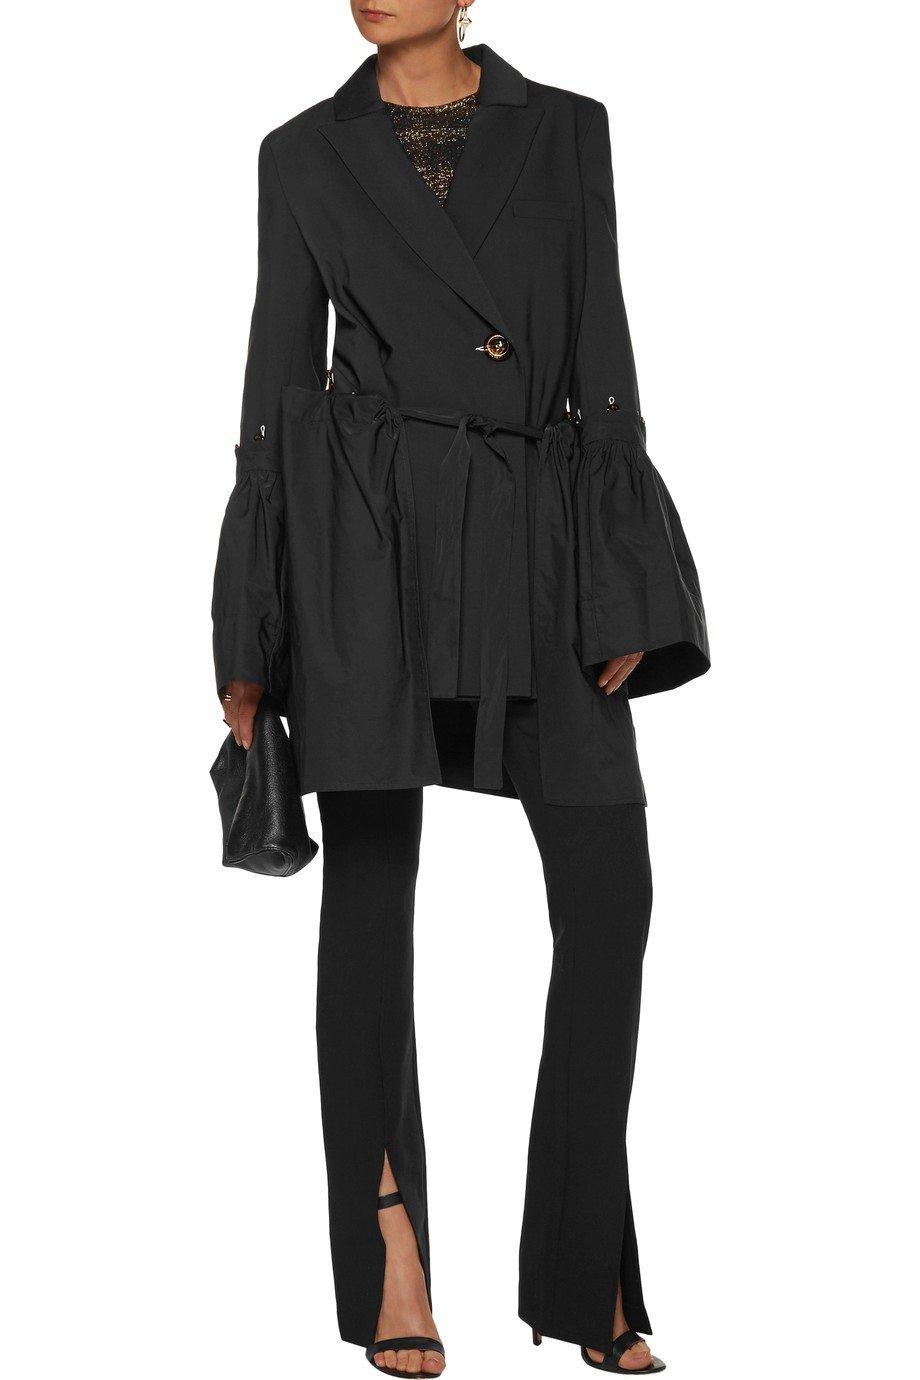 черный удлиненный пиджак пеплум женский 2018